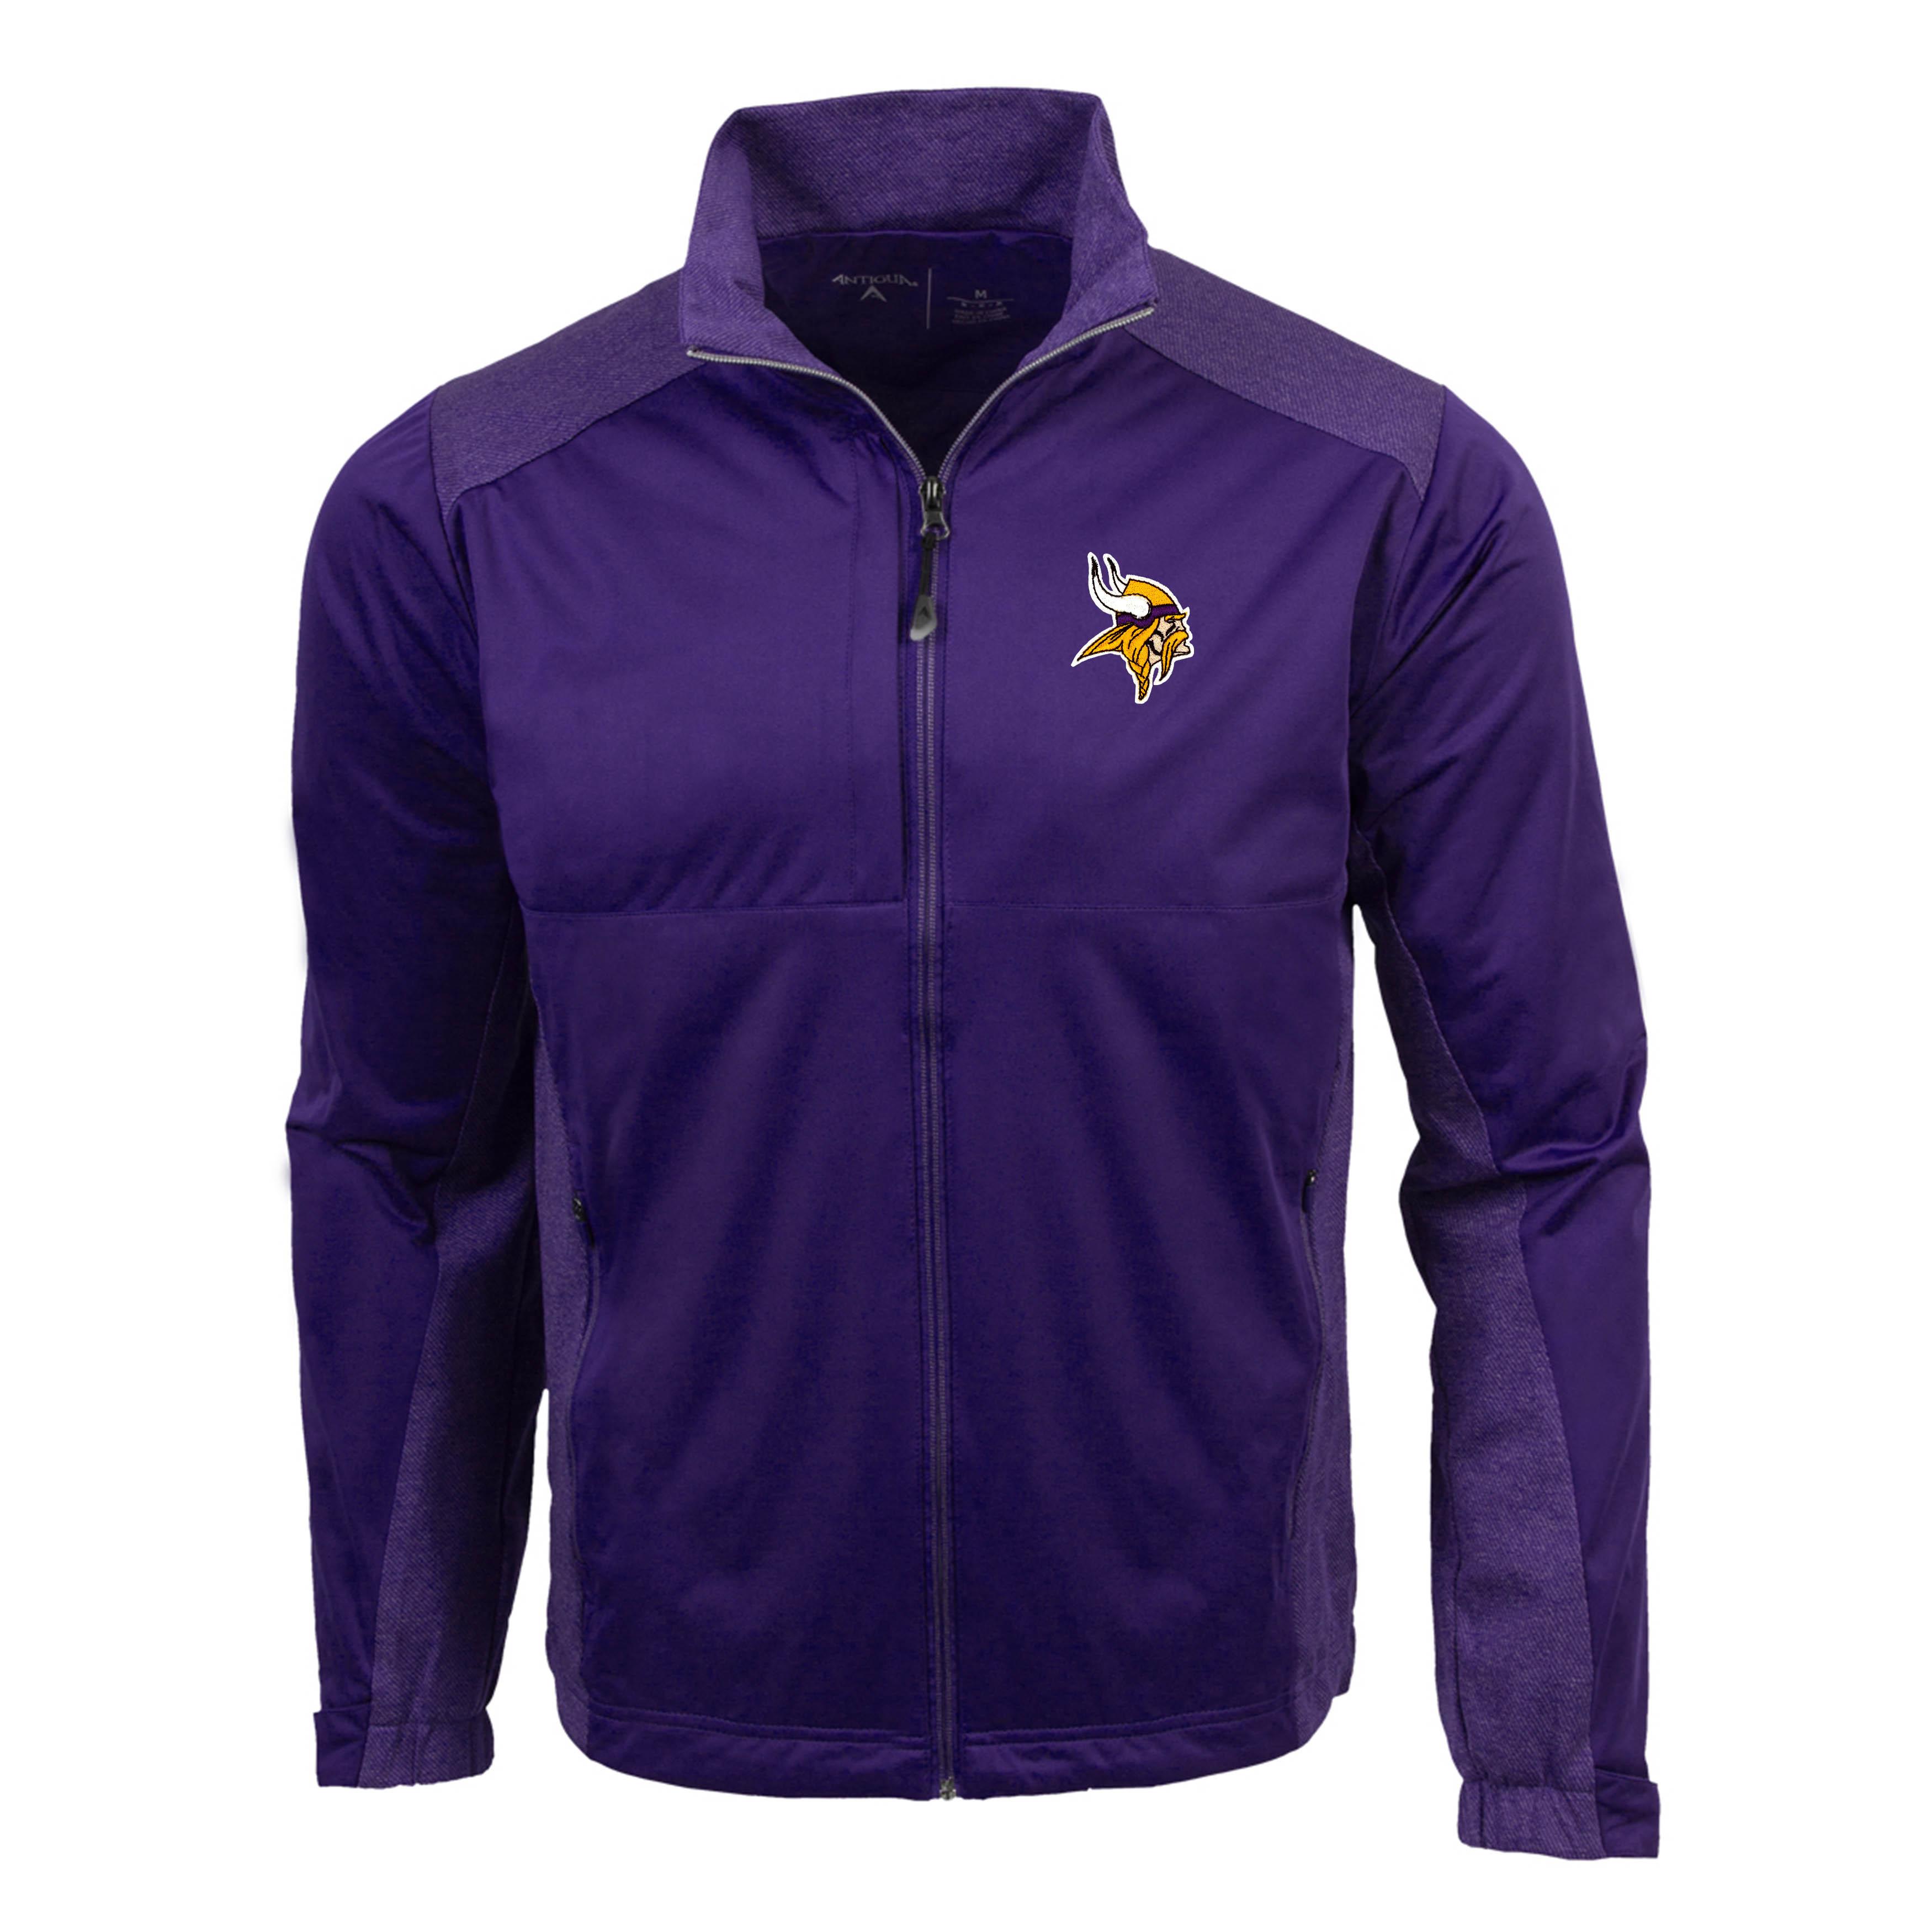 Minnesota Vikings Antigua Revolve Full-Zip Jacket - Purple